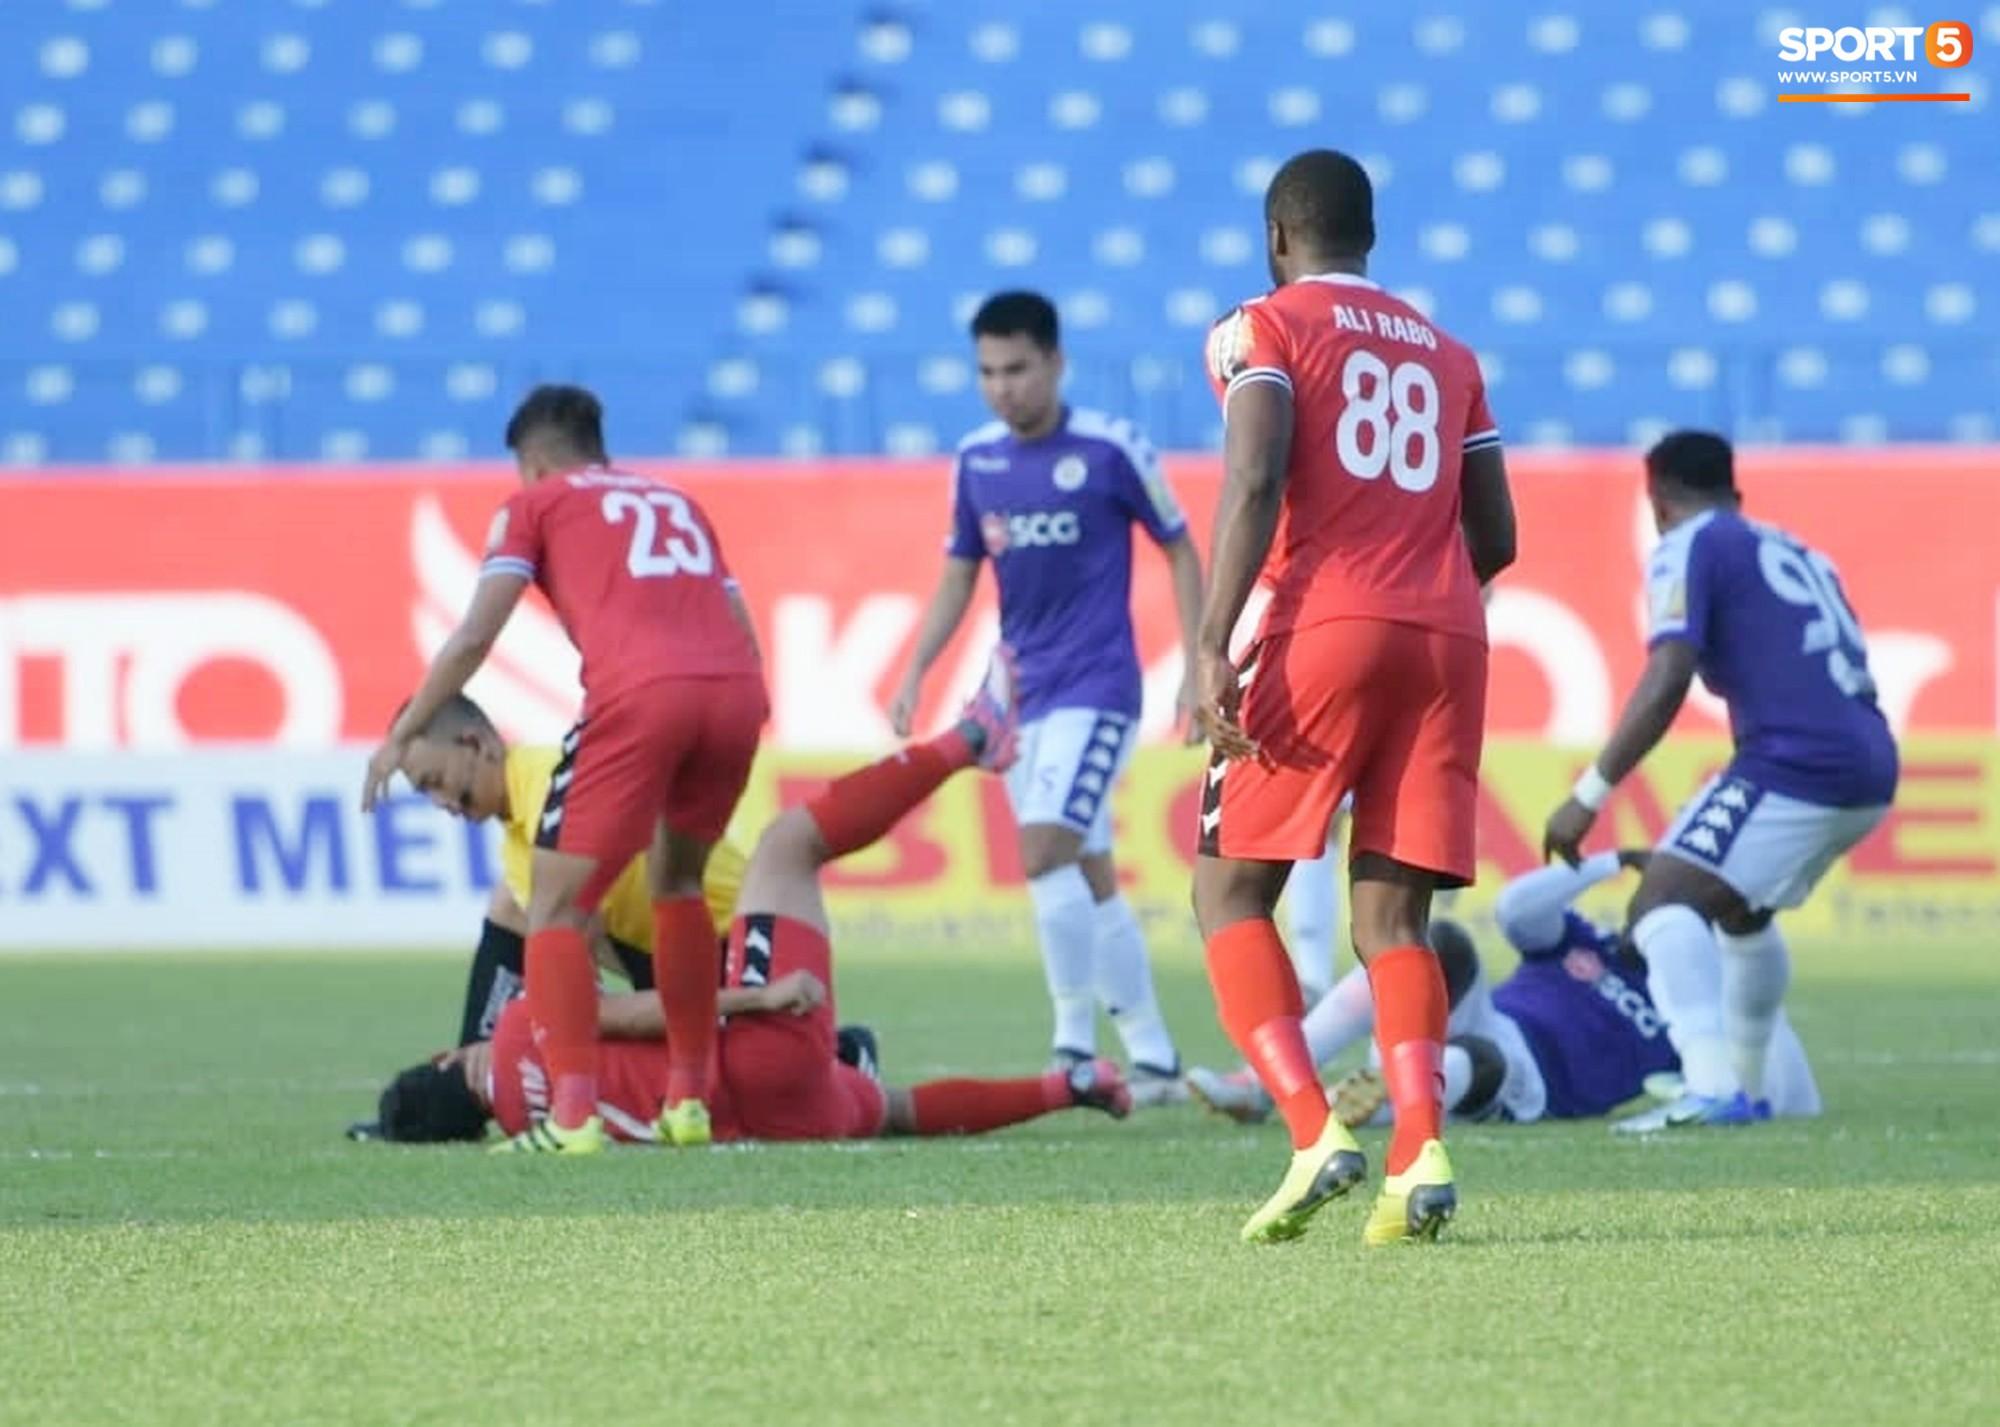 Tuyển thủ U22 Việt Nam va chạm cực mạnh, bất tỉnh chỉ sau 2 phút thi đấu - Ảnh 2.